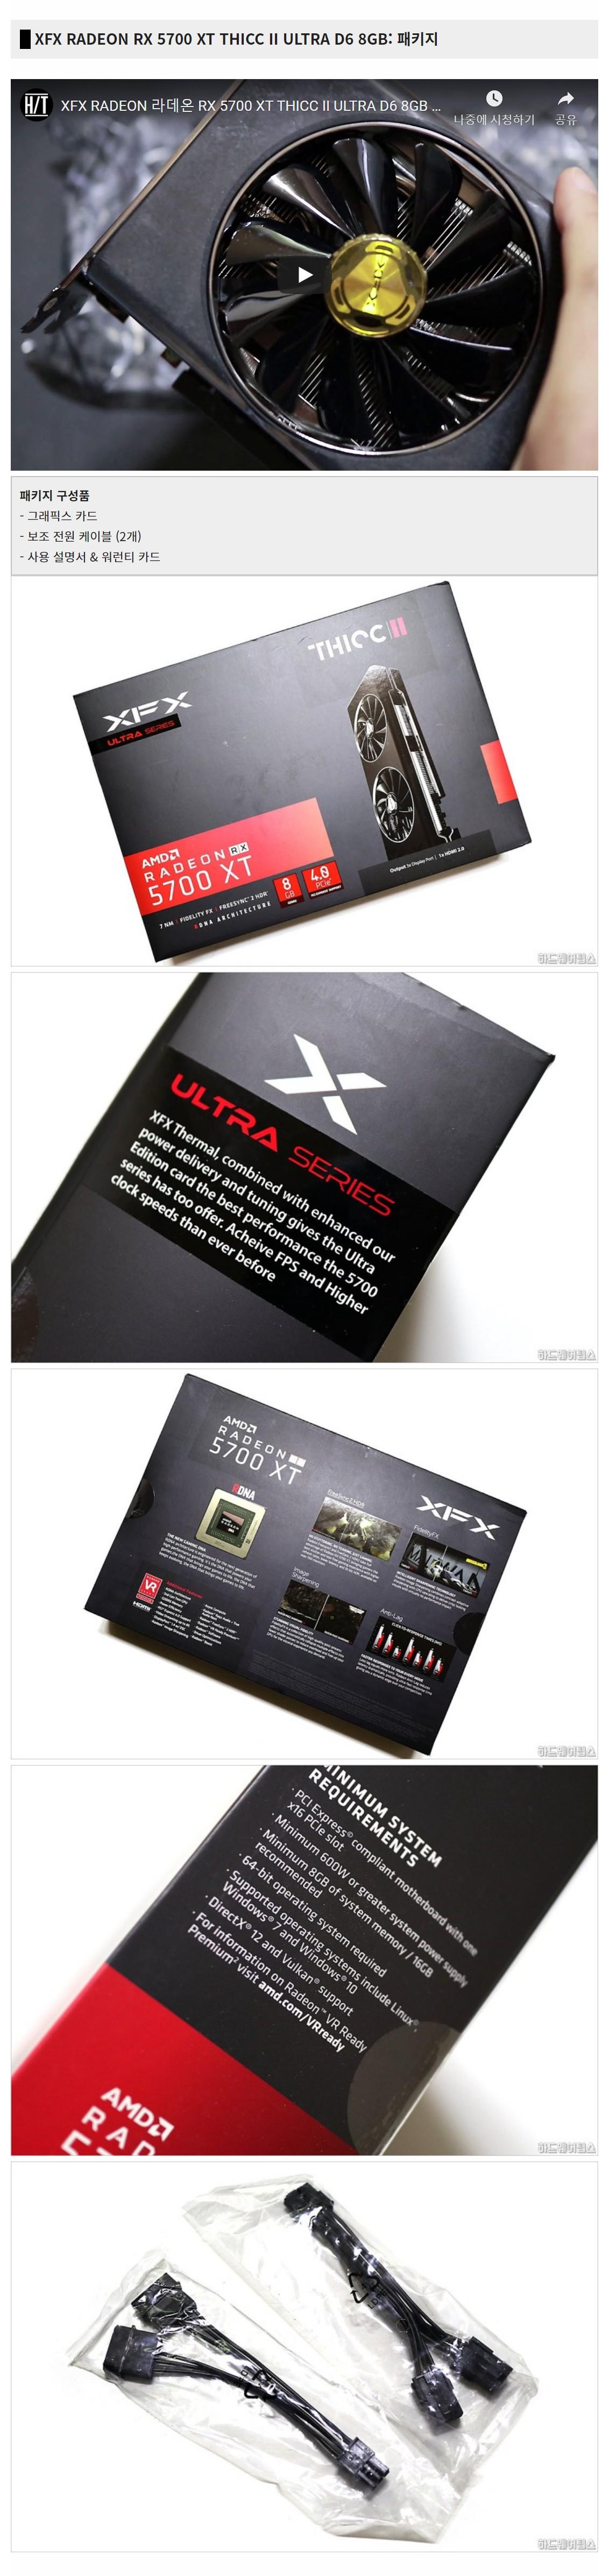 XFX 라데온 RX 5700 XT THICC II ULTRA D6 8GB - 003.jpg